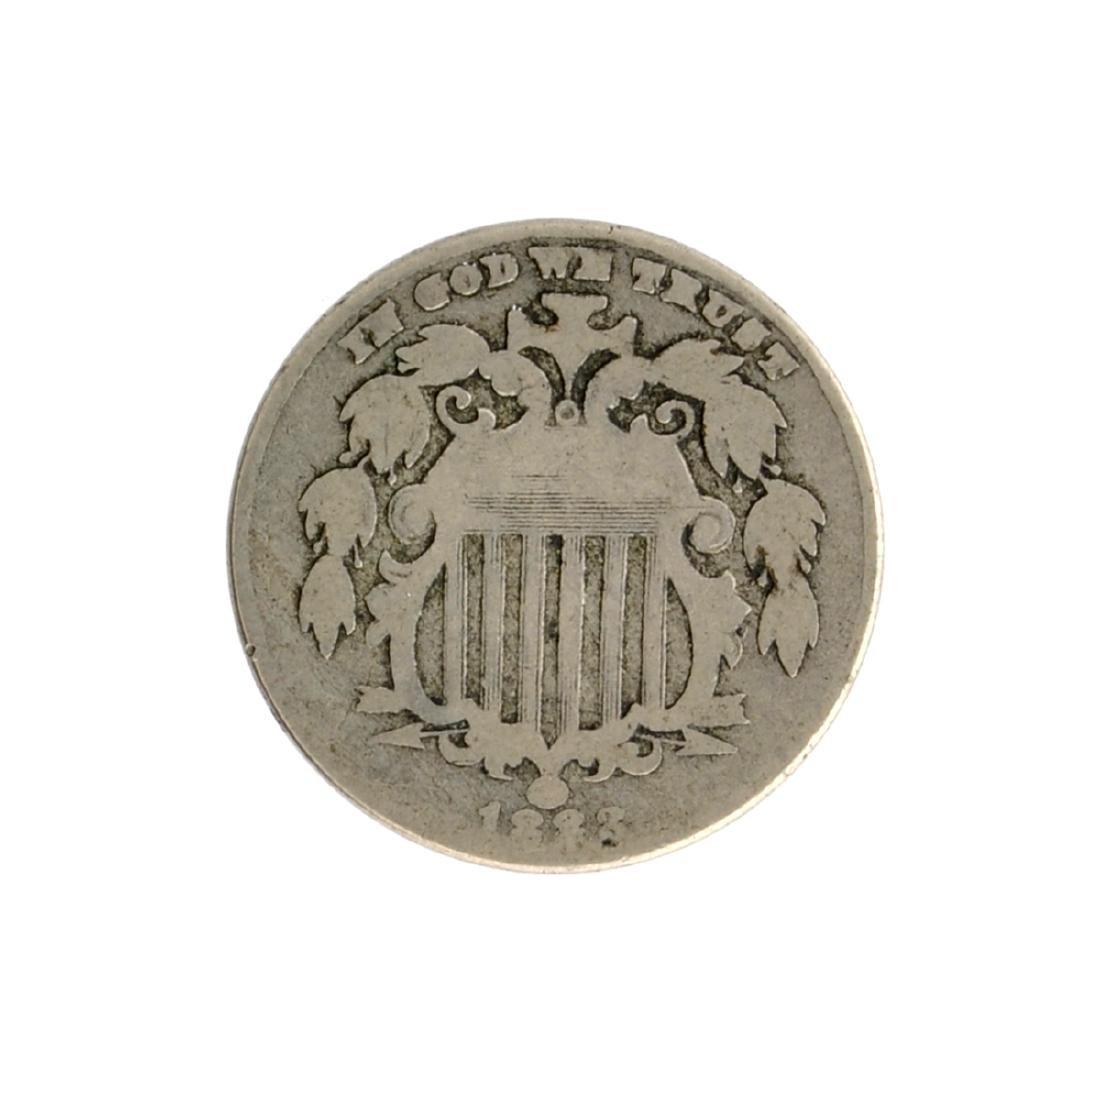 1883 Shield Nickel Coin